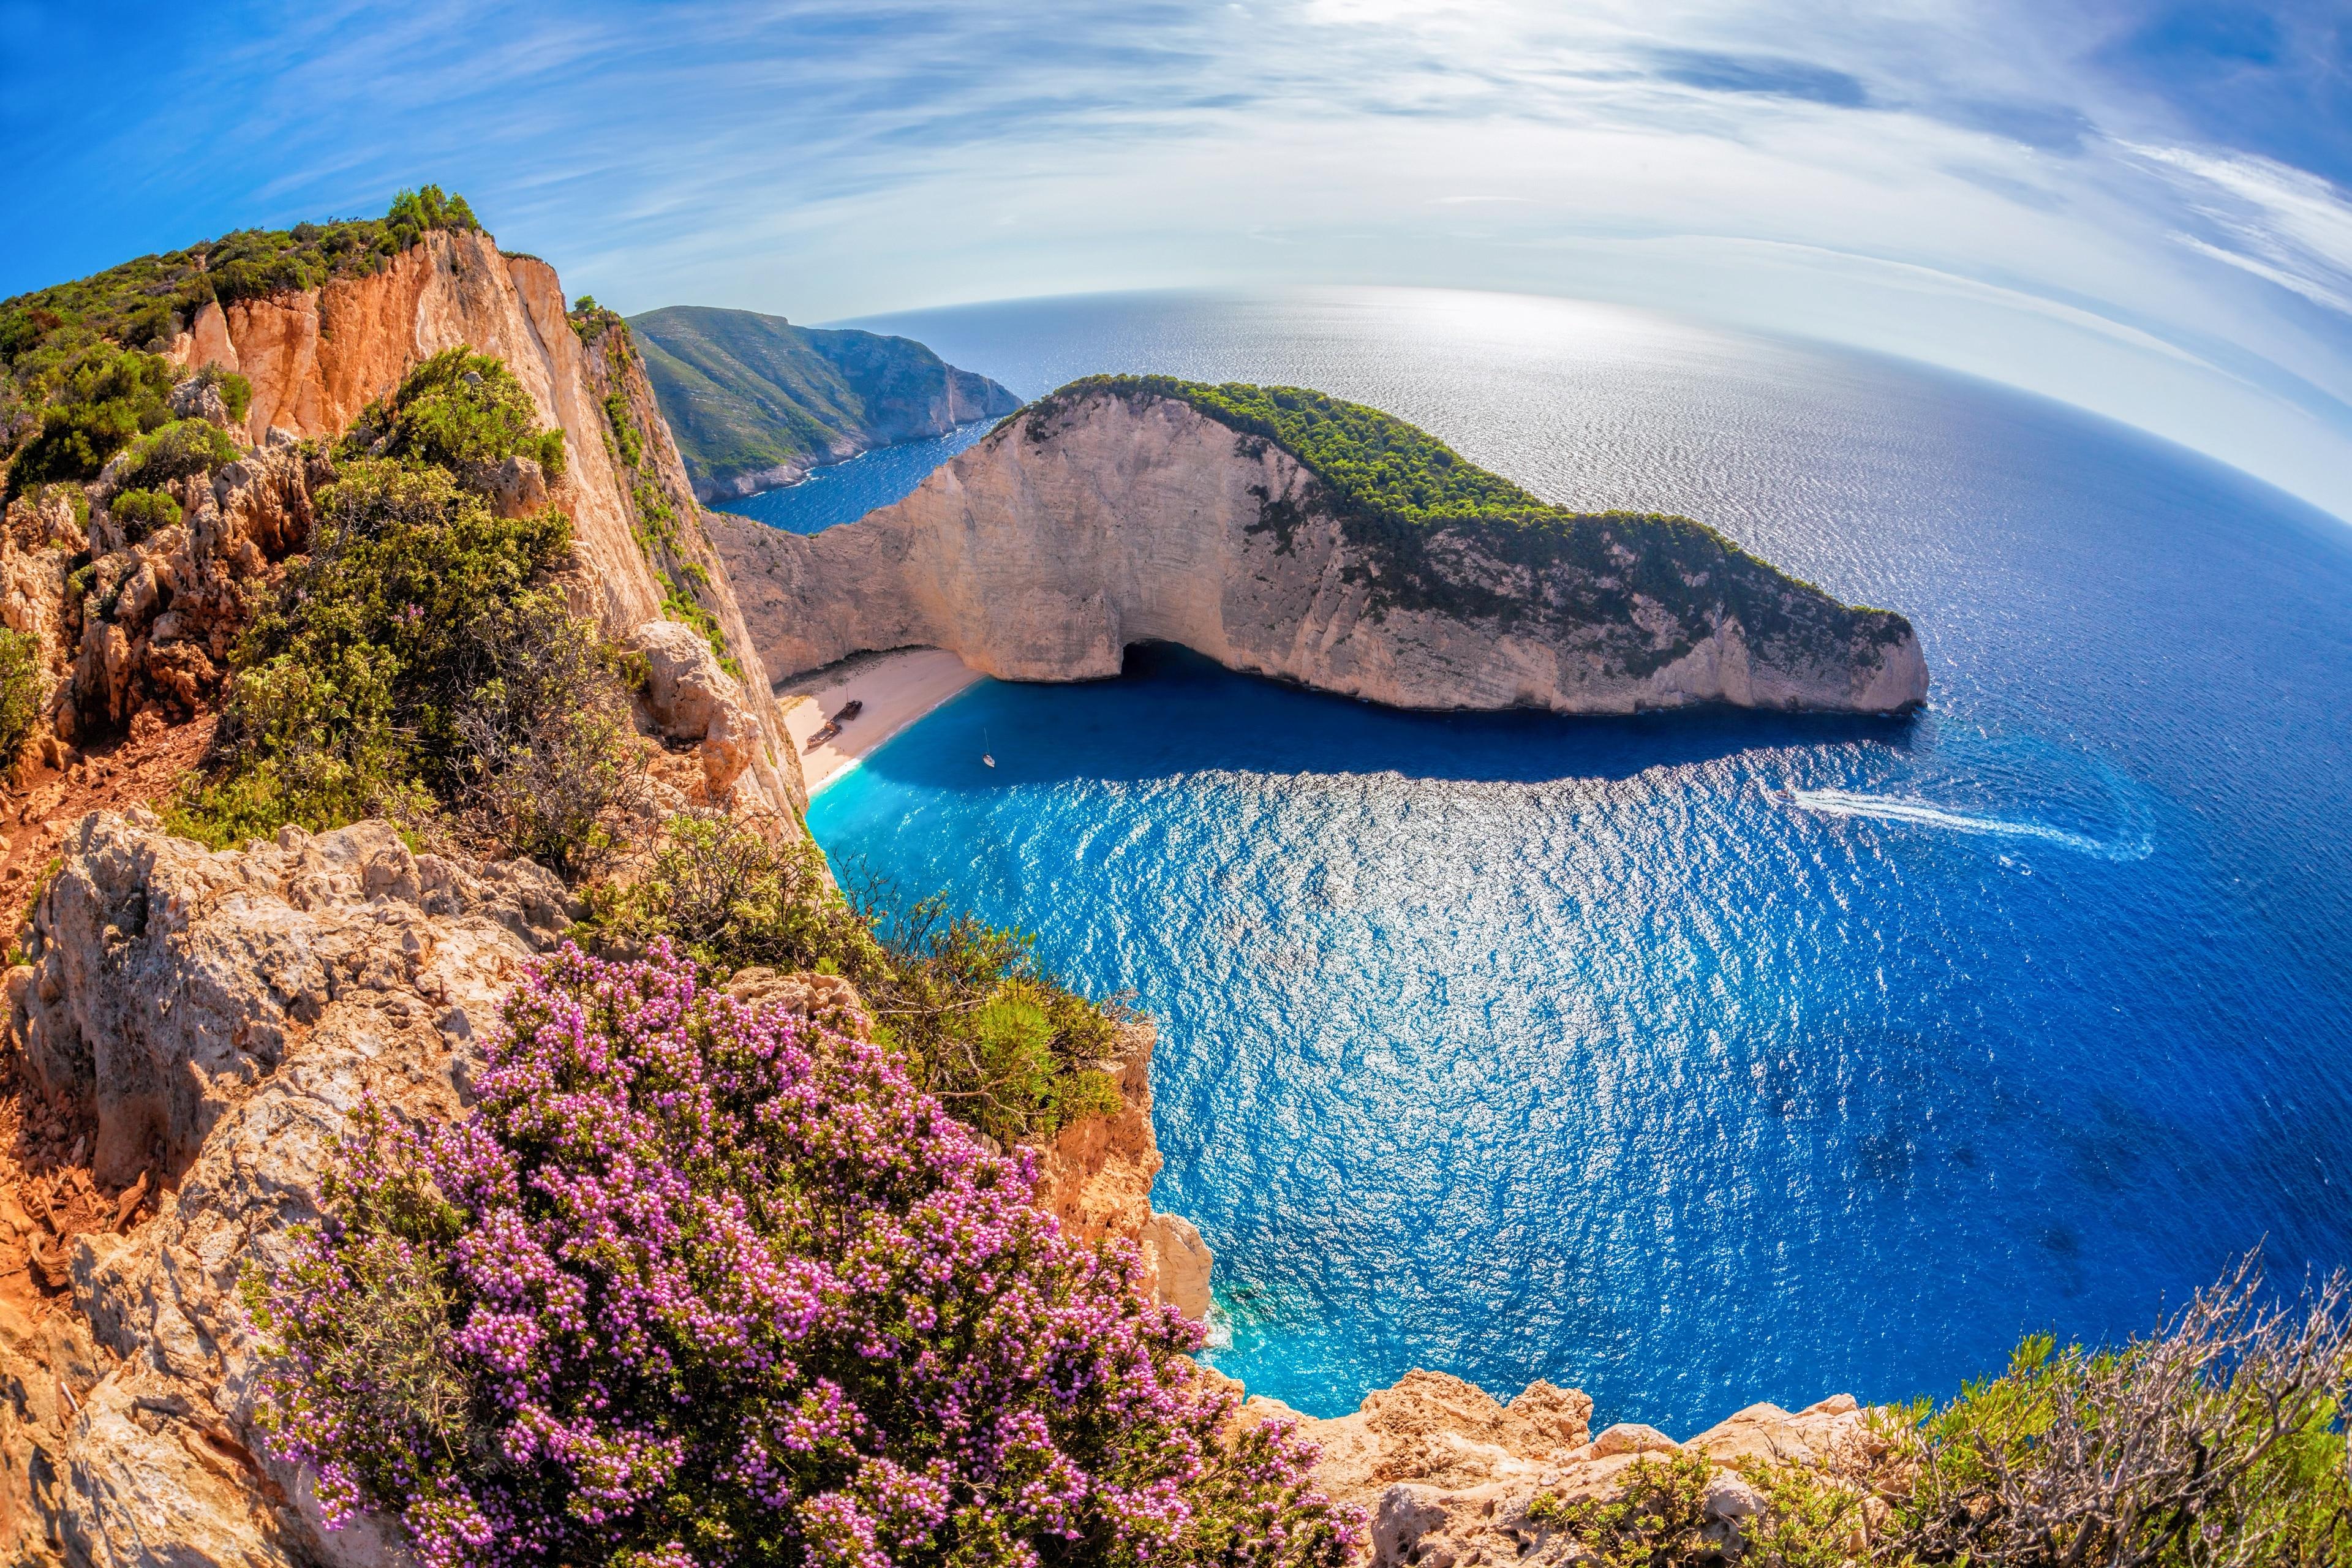 Zakynthos, Ionian Islands Region, Greece